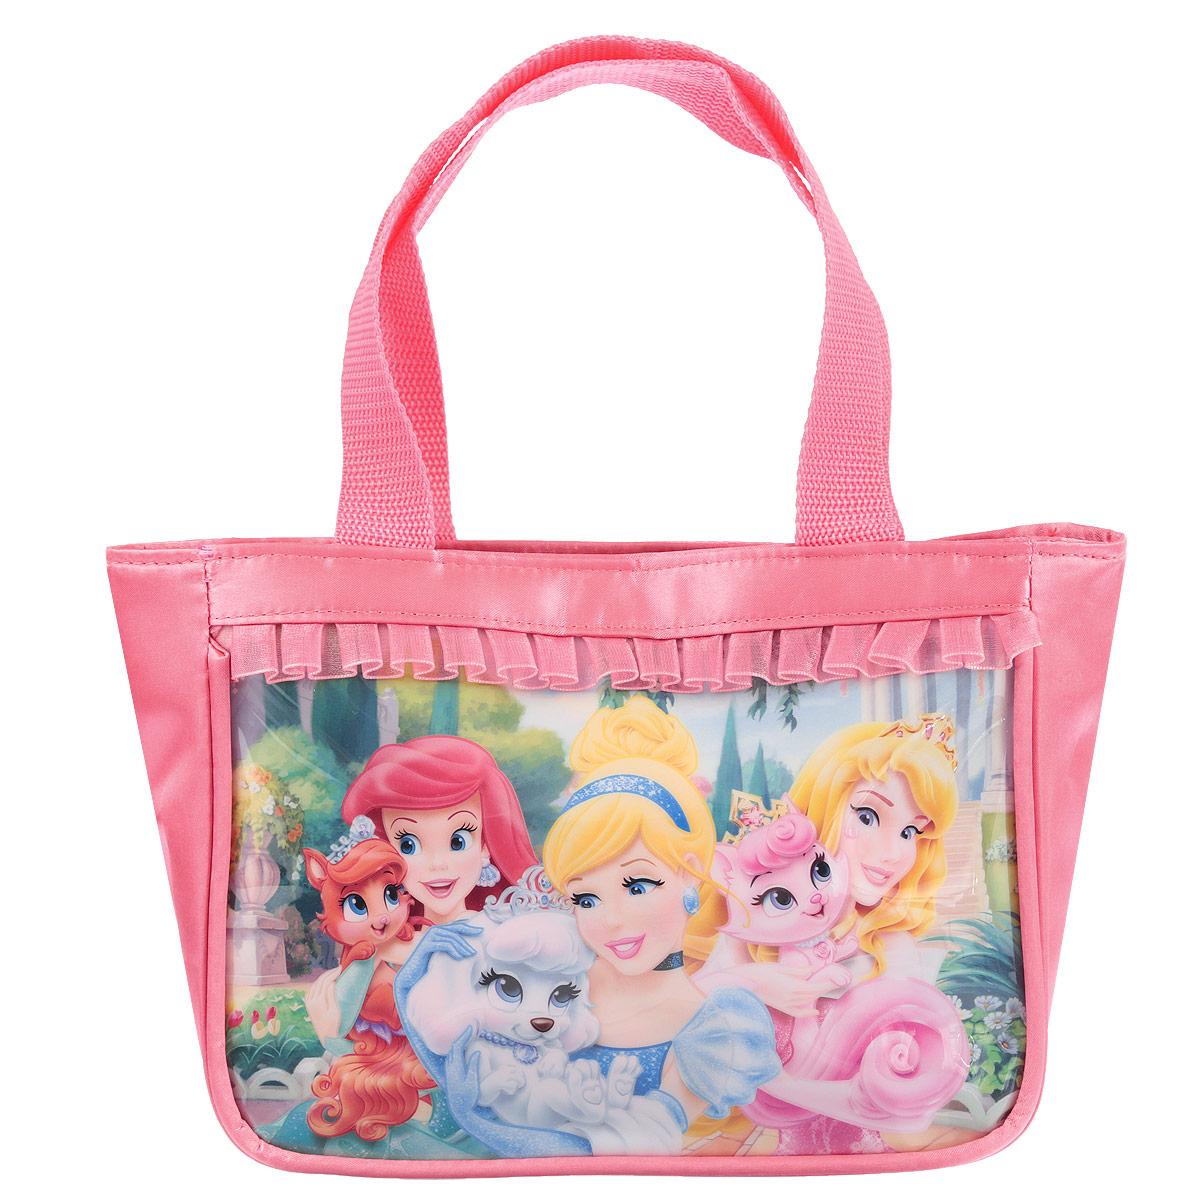 Сумочка детская Princess, цвет: розовыйPRCB-UT4-4011Детская сумочка Princess - это модный аксессуар для юной поклонницы популярного мультсериала . Сумочка выполнена из прочного материала ярко-розового цвета и оформлена с лицевой стороны аппликацией из ПВХ с изображением трех принцесс и обрамлена текстильной рюшкой. Сумочка содержит одно отделение и закрывается с помощью застежки-молнии. Сумочка оснащена не регулируемыми ручками для переноски в руке.Порадуйте свою малышку таким замечательным подарком!Предназначено для детей 7-10 лет.